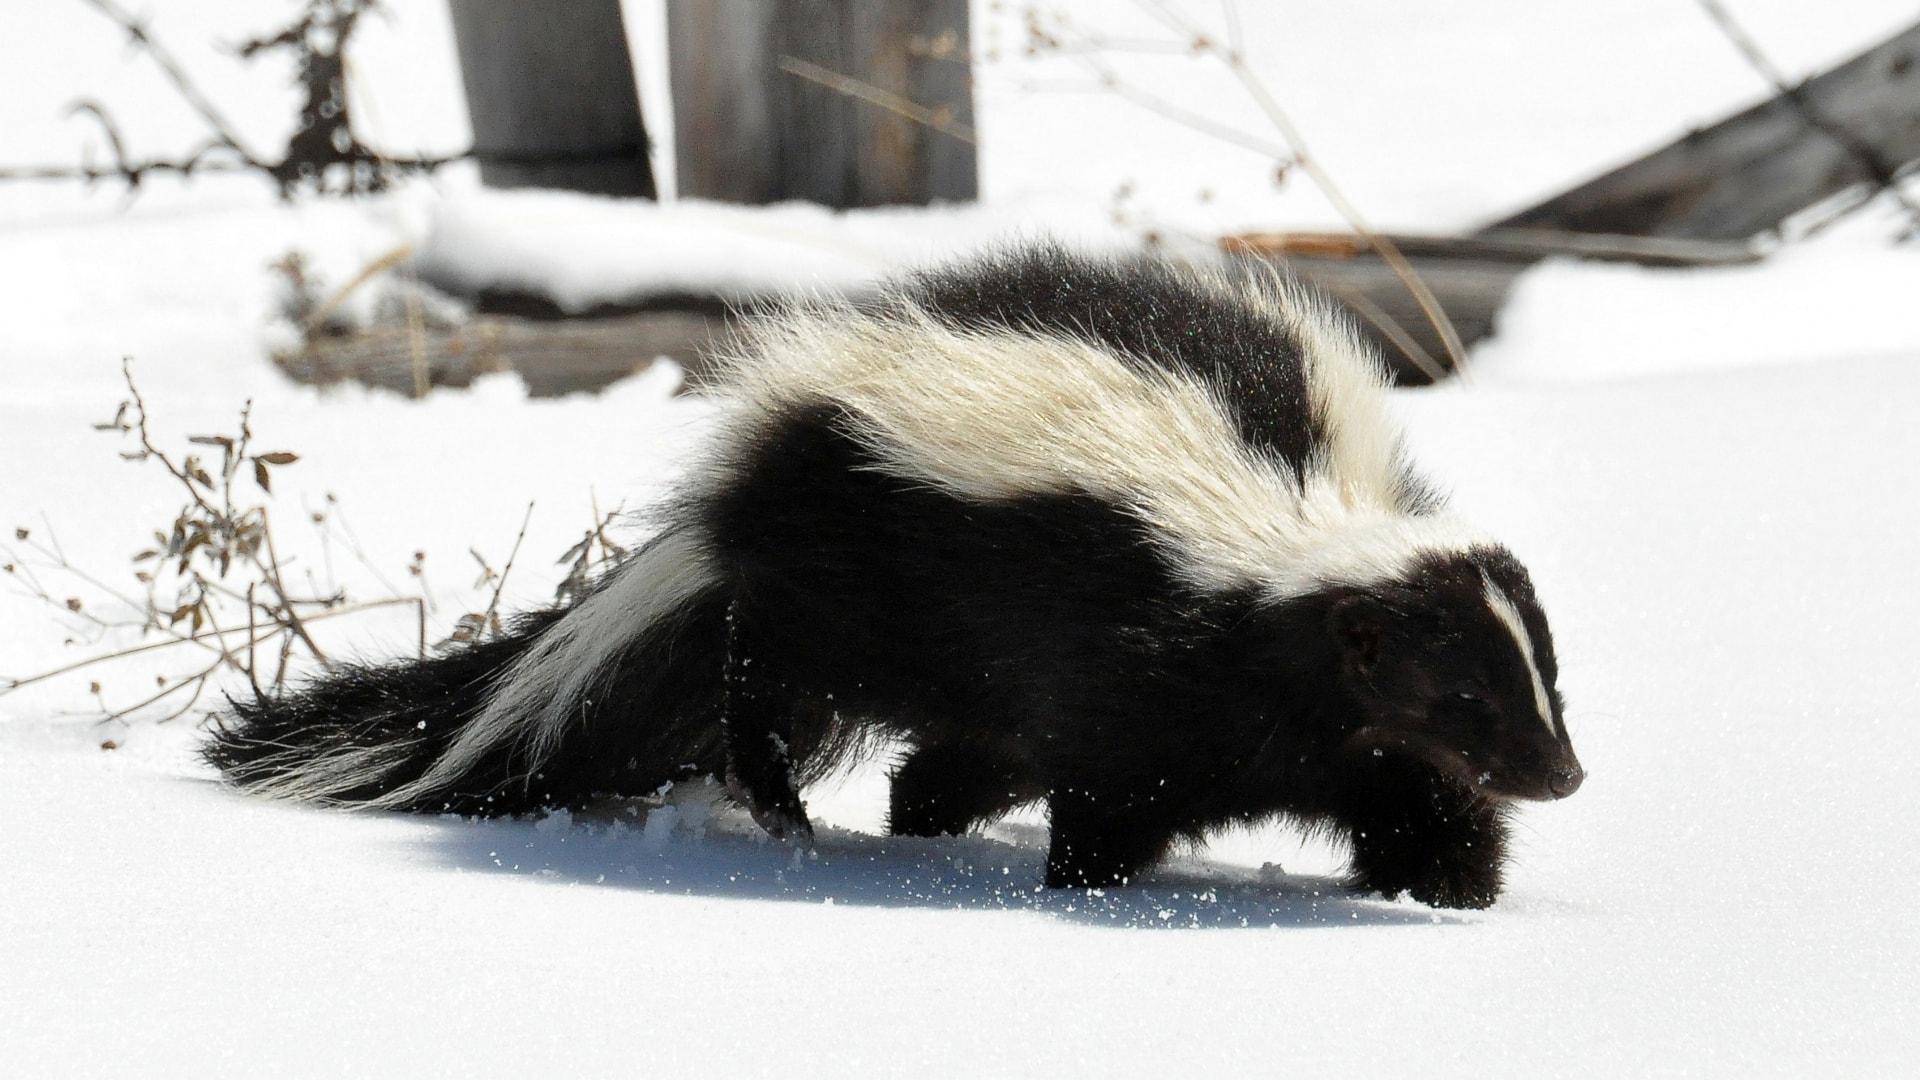 Skunk Pictures